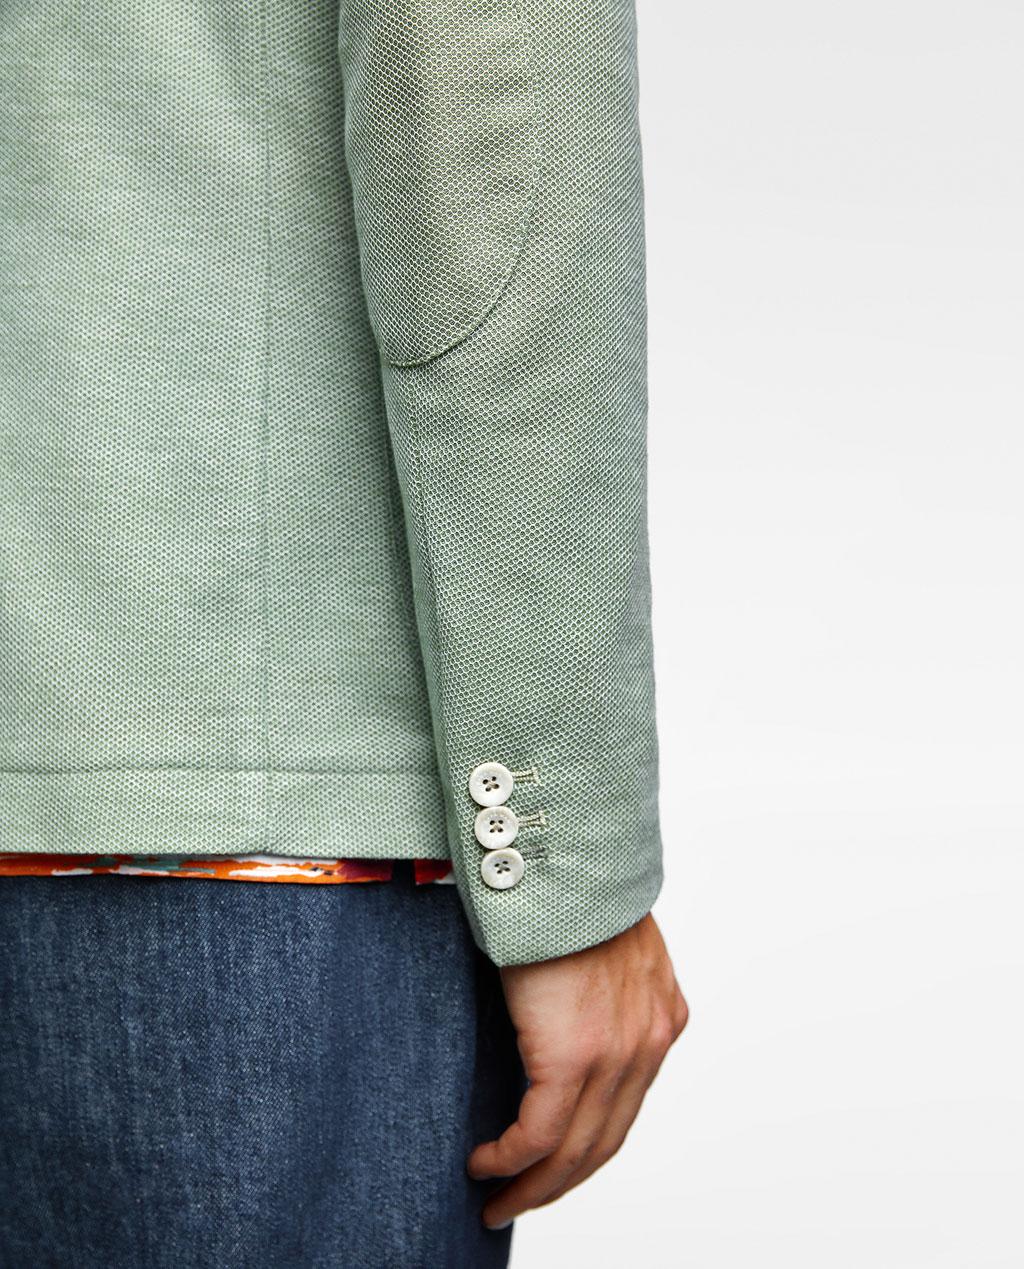 Thời trang nam Zara  23974 - ảnh 8